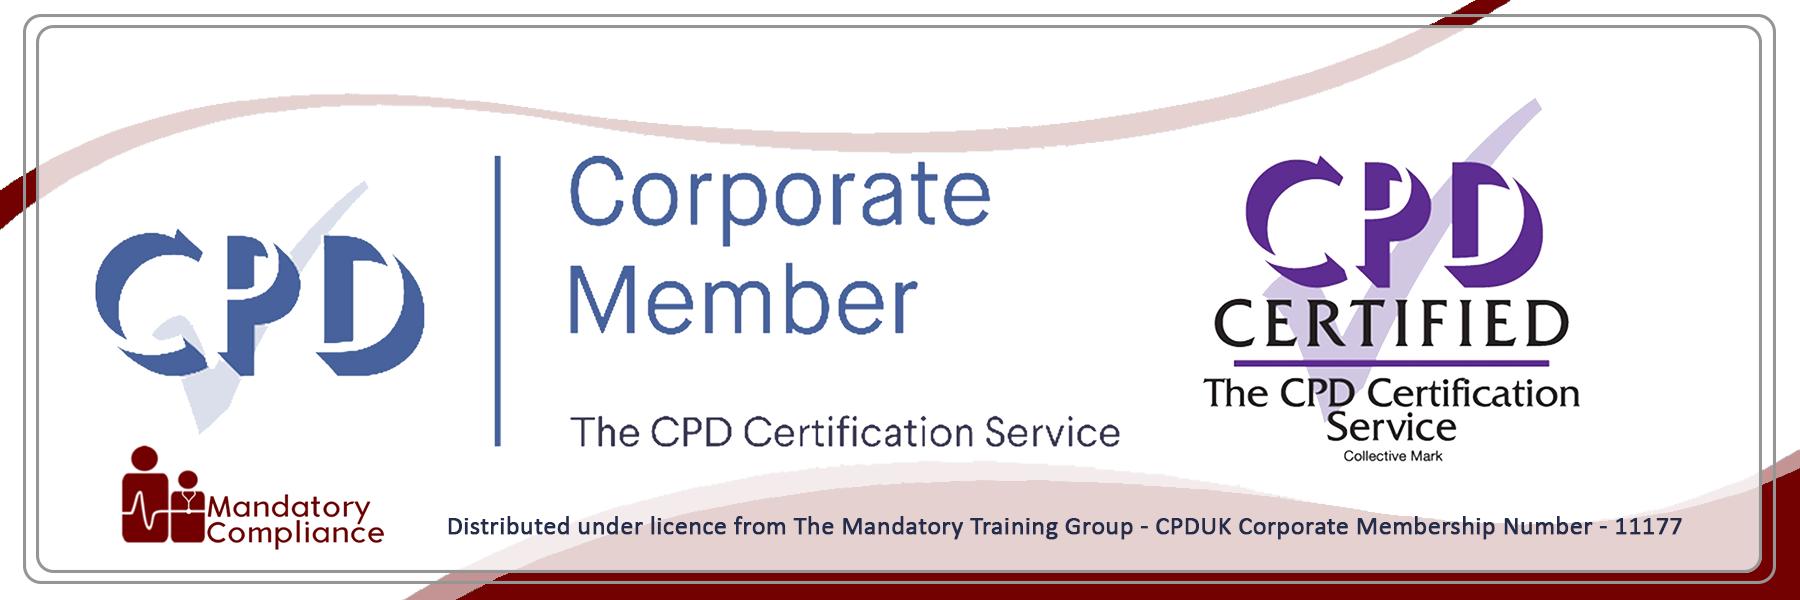 Dental Hygiene for Older People - Online Course - The MAndatory Compliance UK -